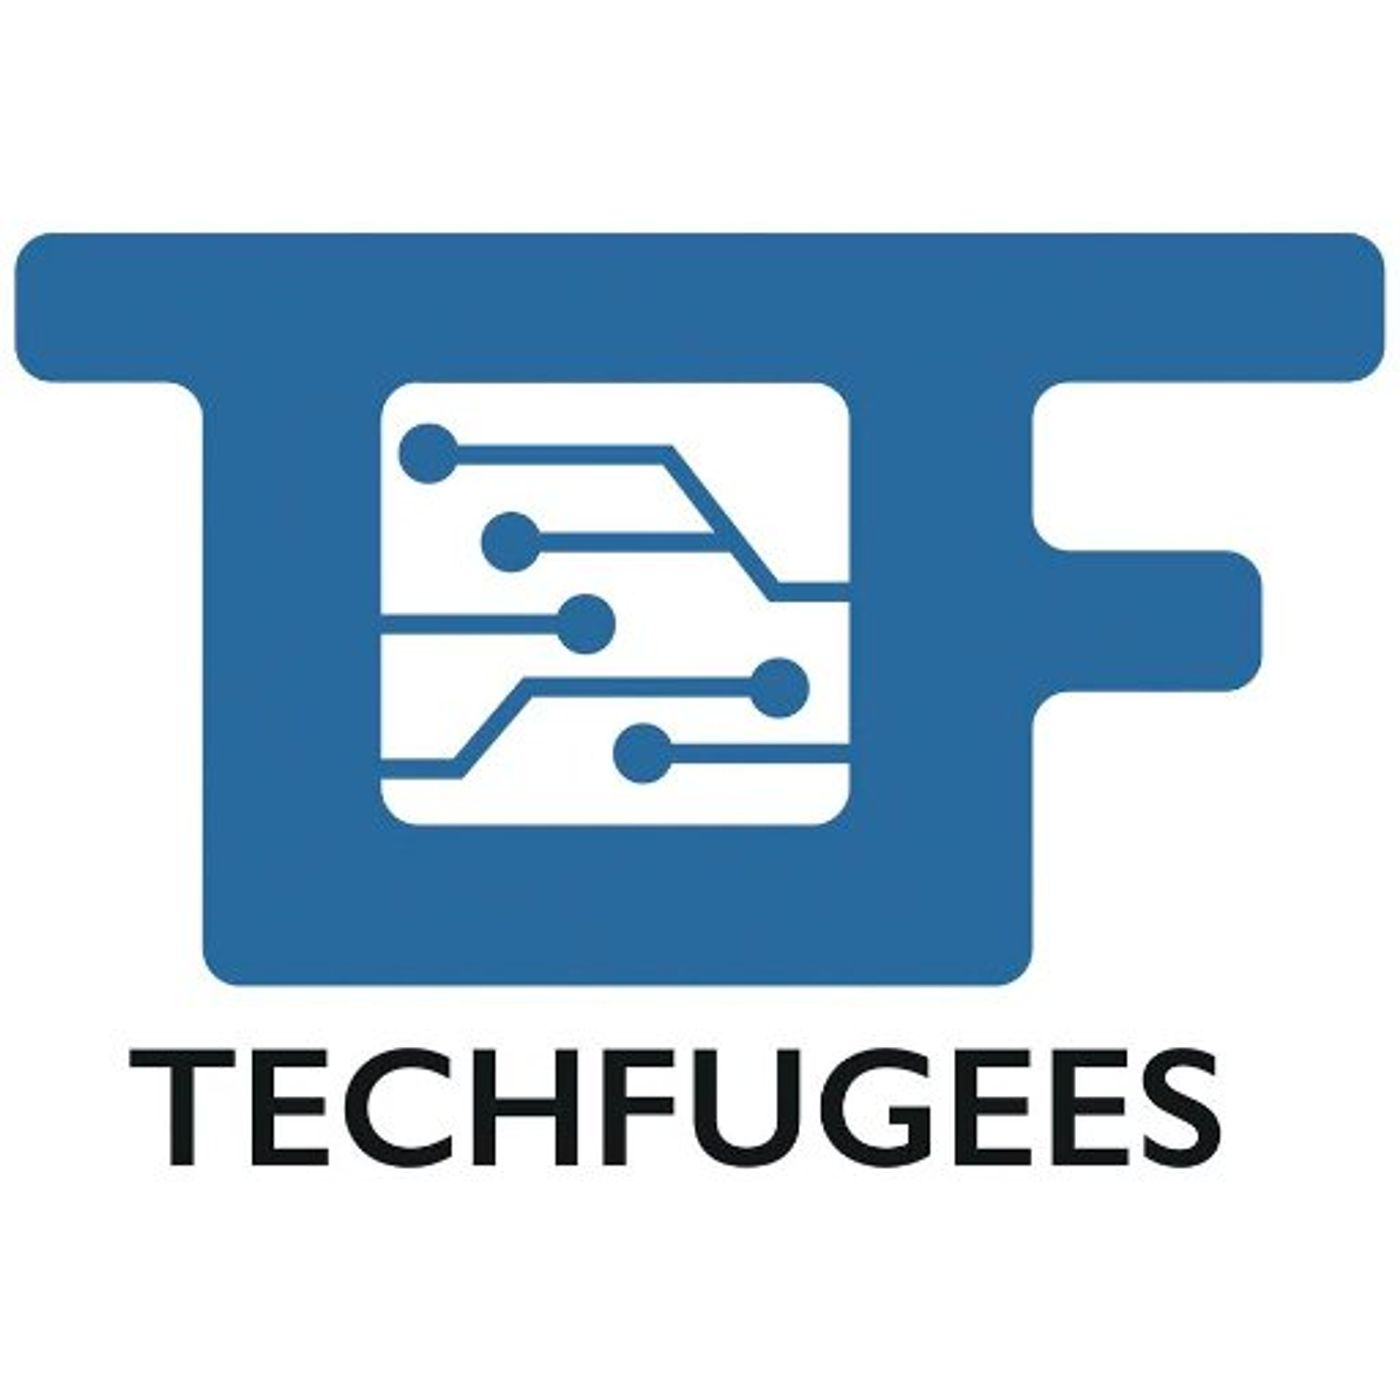 TechfugeesNZ - Broaden your circle at their Techweek hackathon